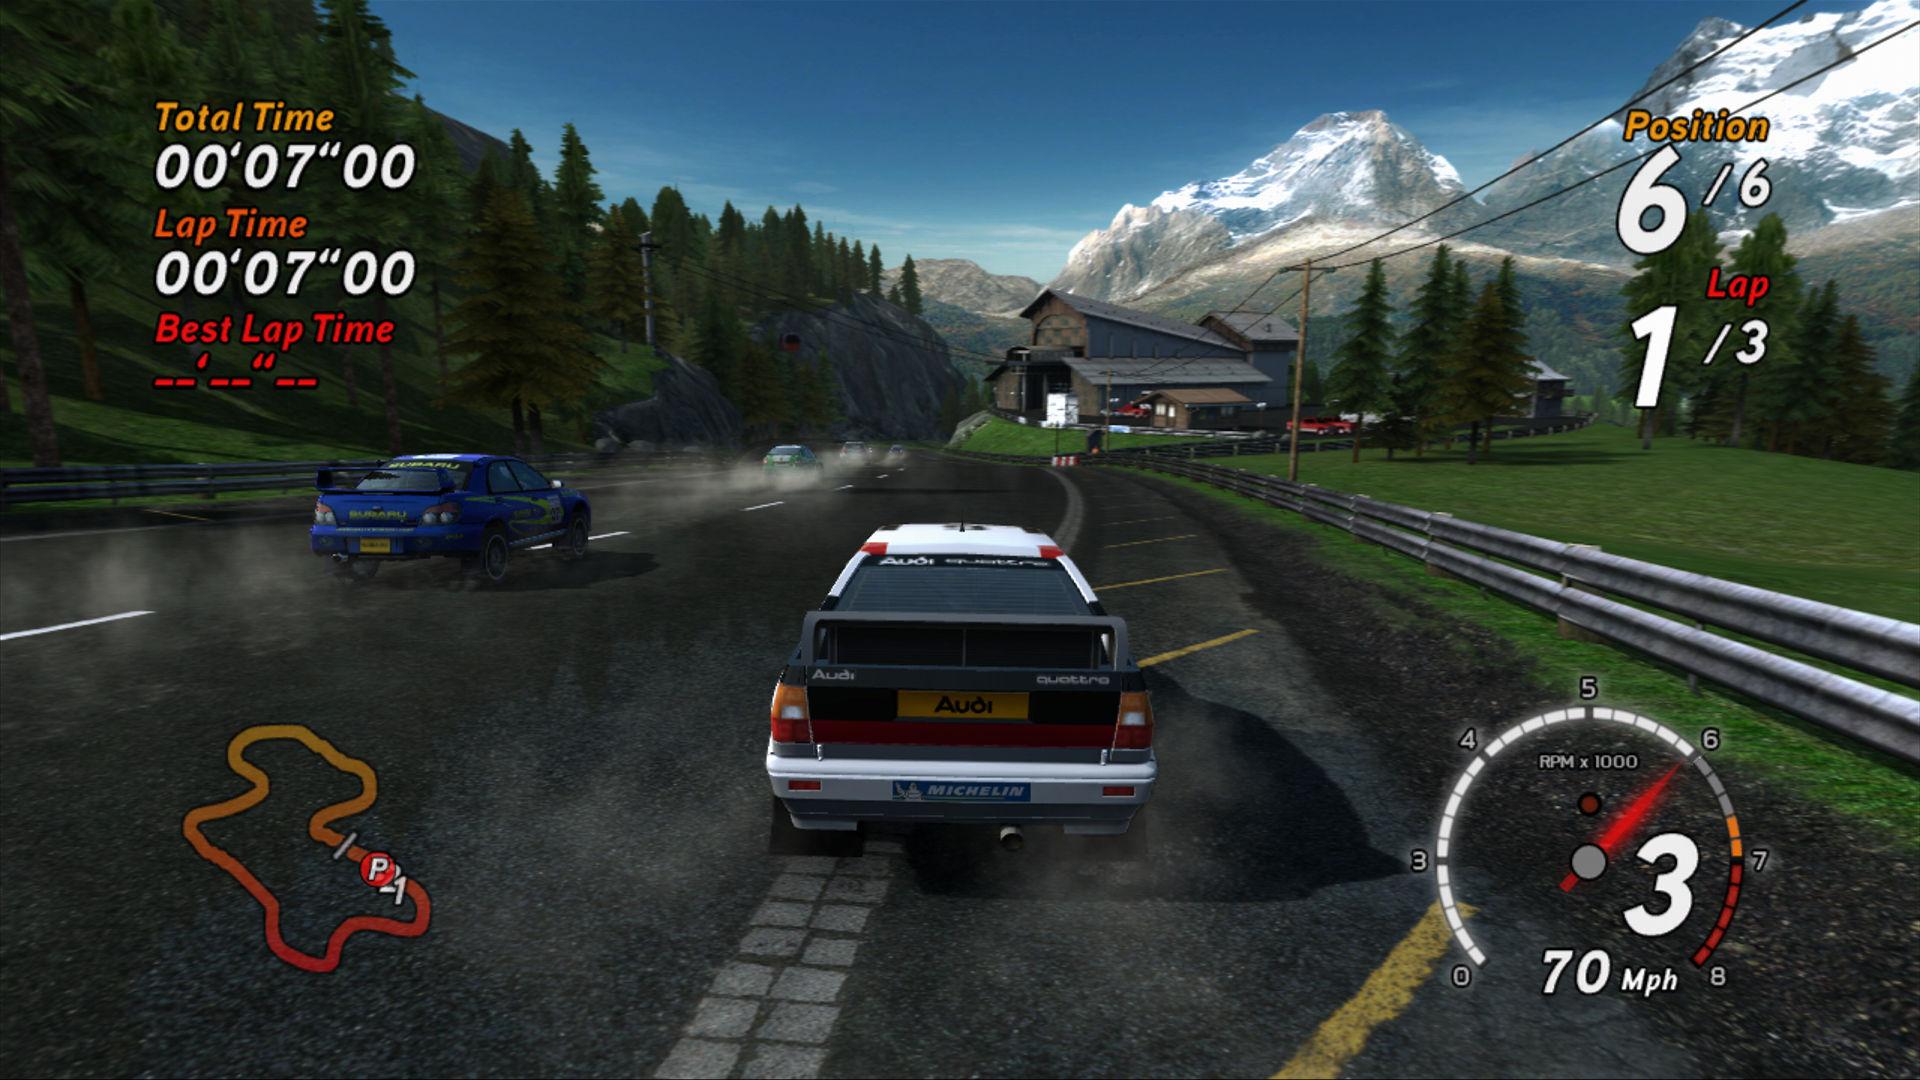 Spieletest: Sega Rally - Rennspaß wie in der Spielhalle - Sega Rally